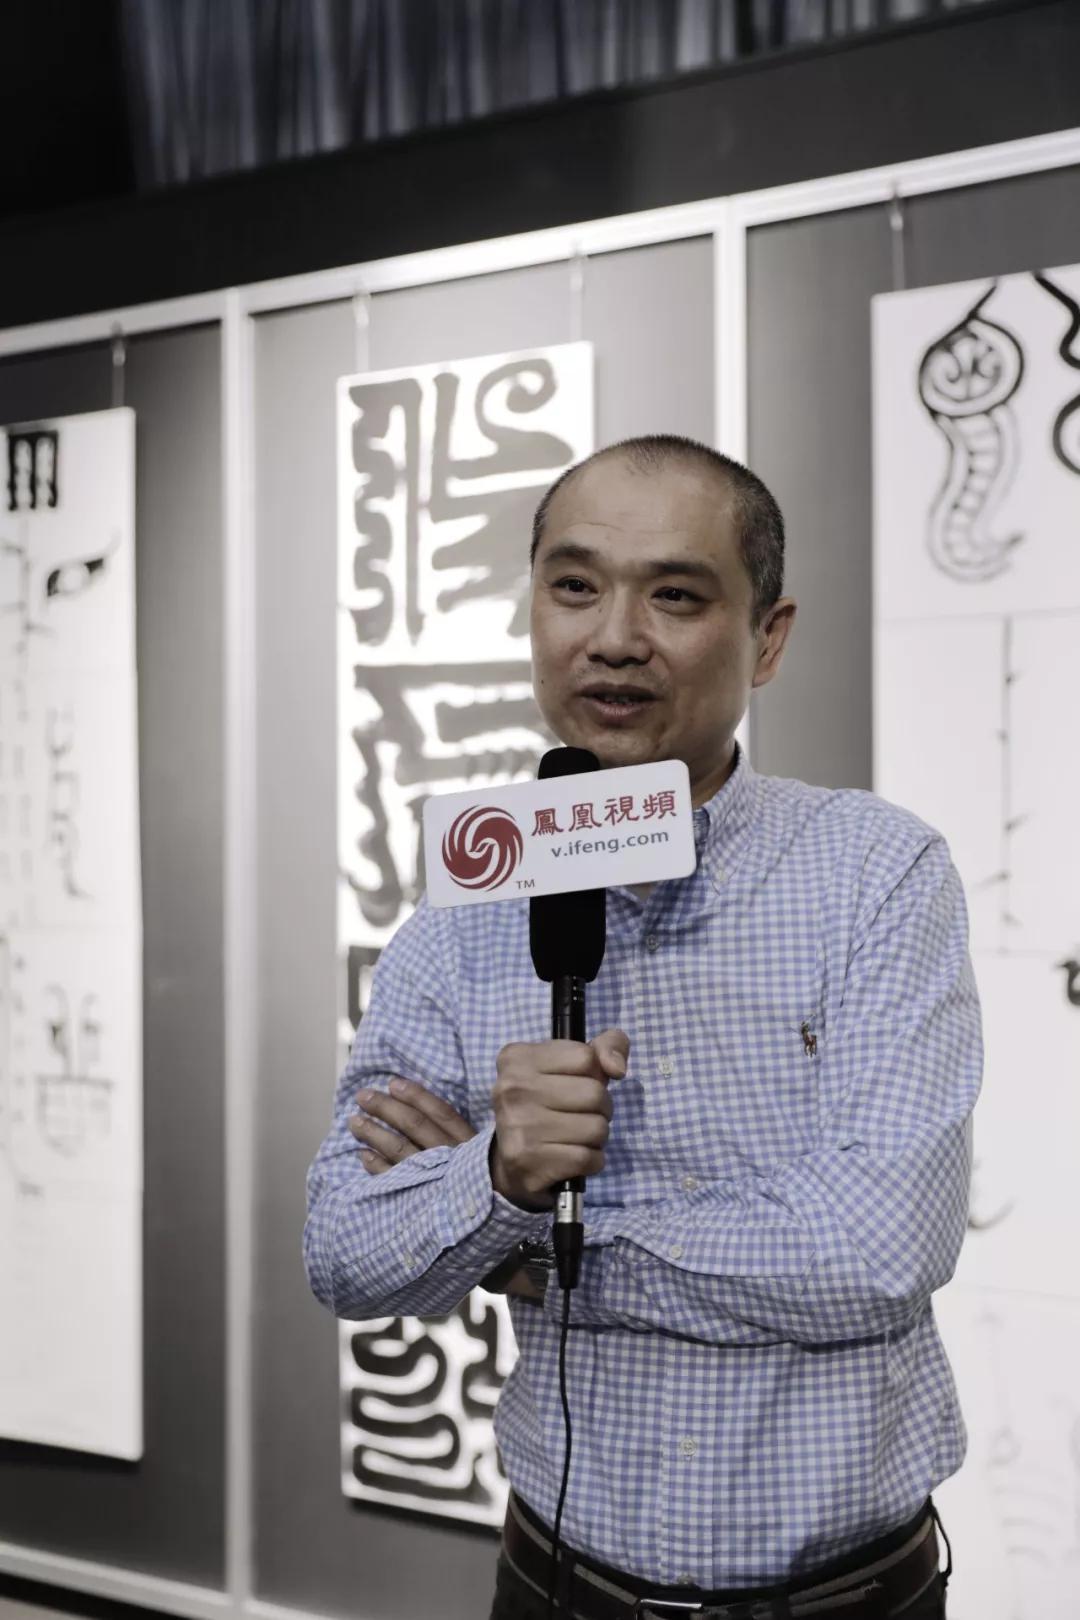 北京康诚世纪投资有限公司总裁黄辉接受采访